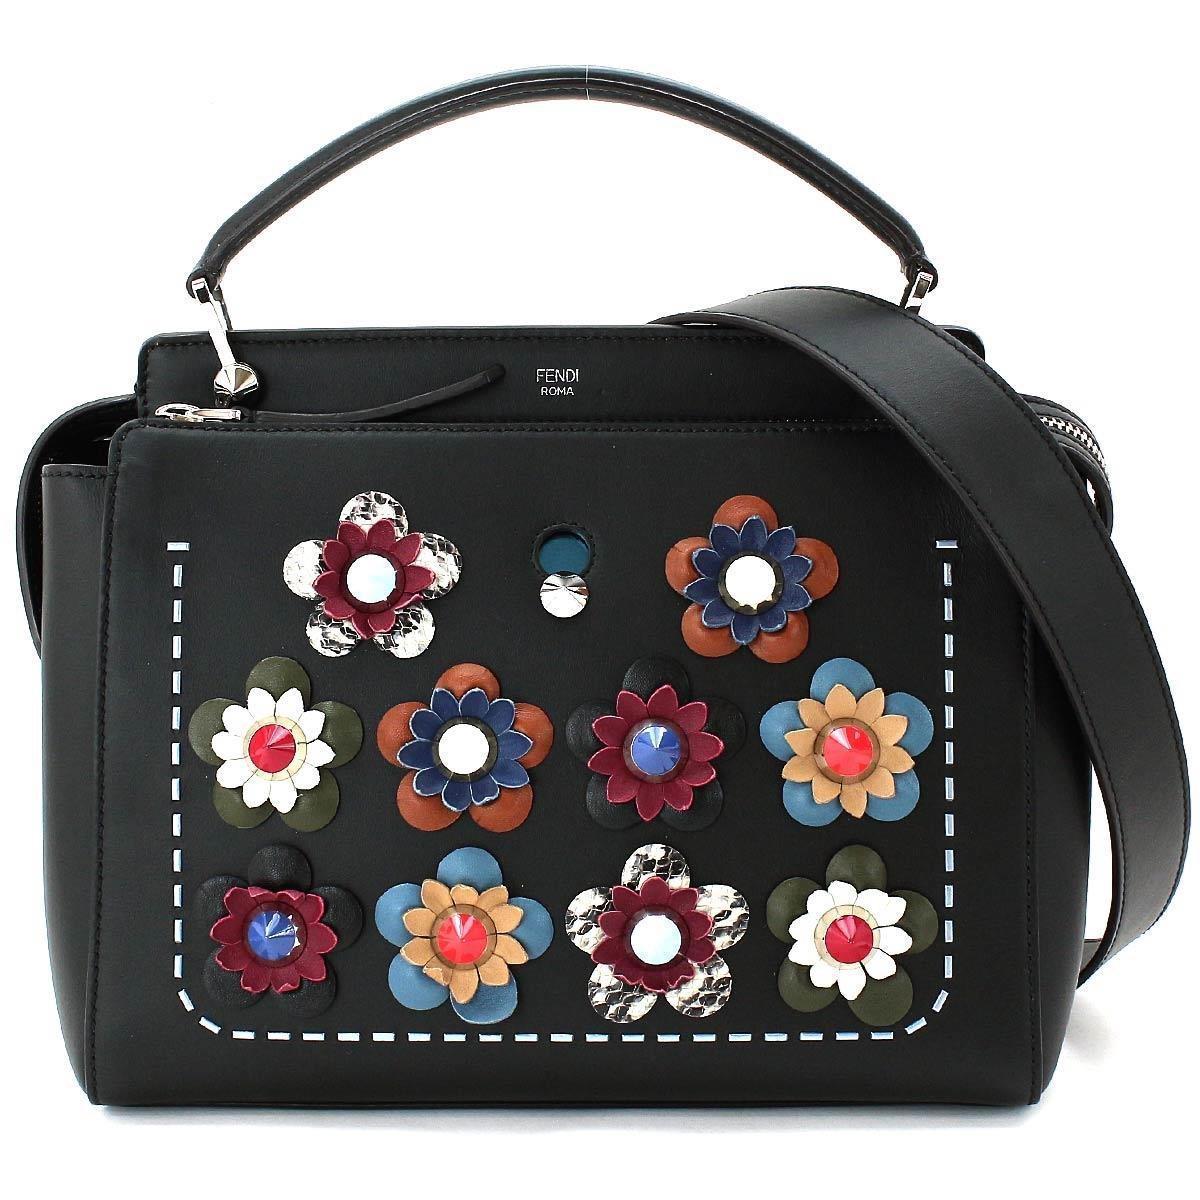 90bfb537a9 Lyst - Fendi Dot Com 2way Hand Shoulder Bag Flower Leather Black ...